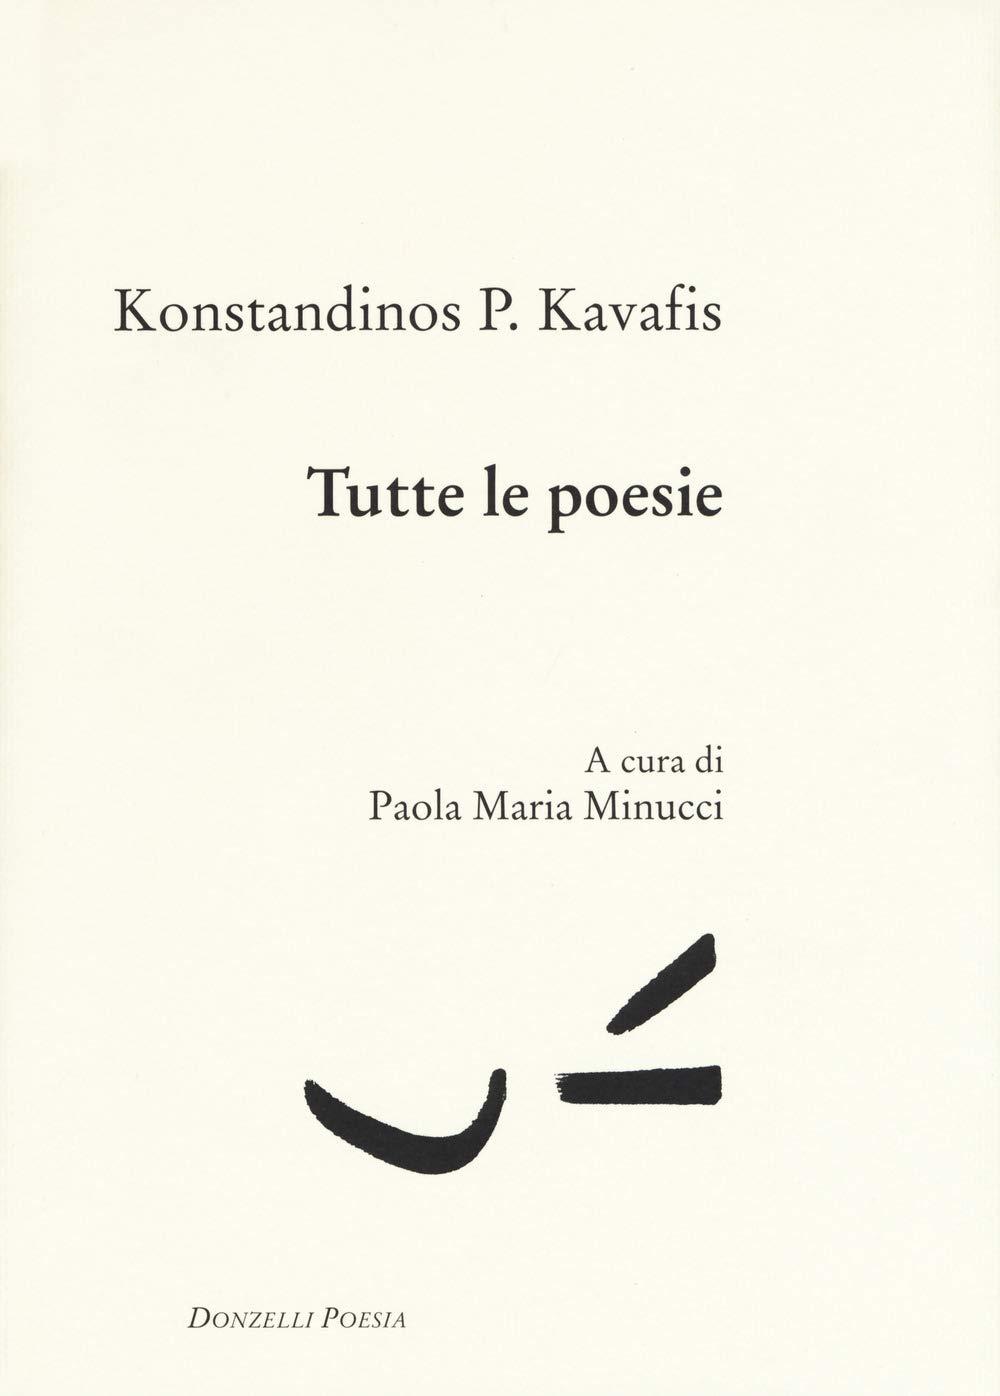 Paola Maria Minucci